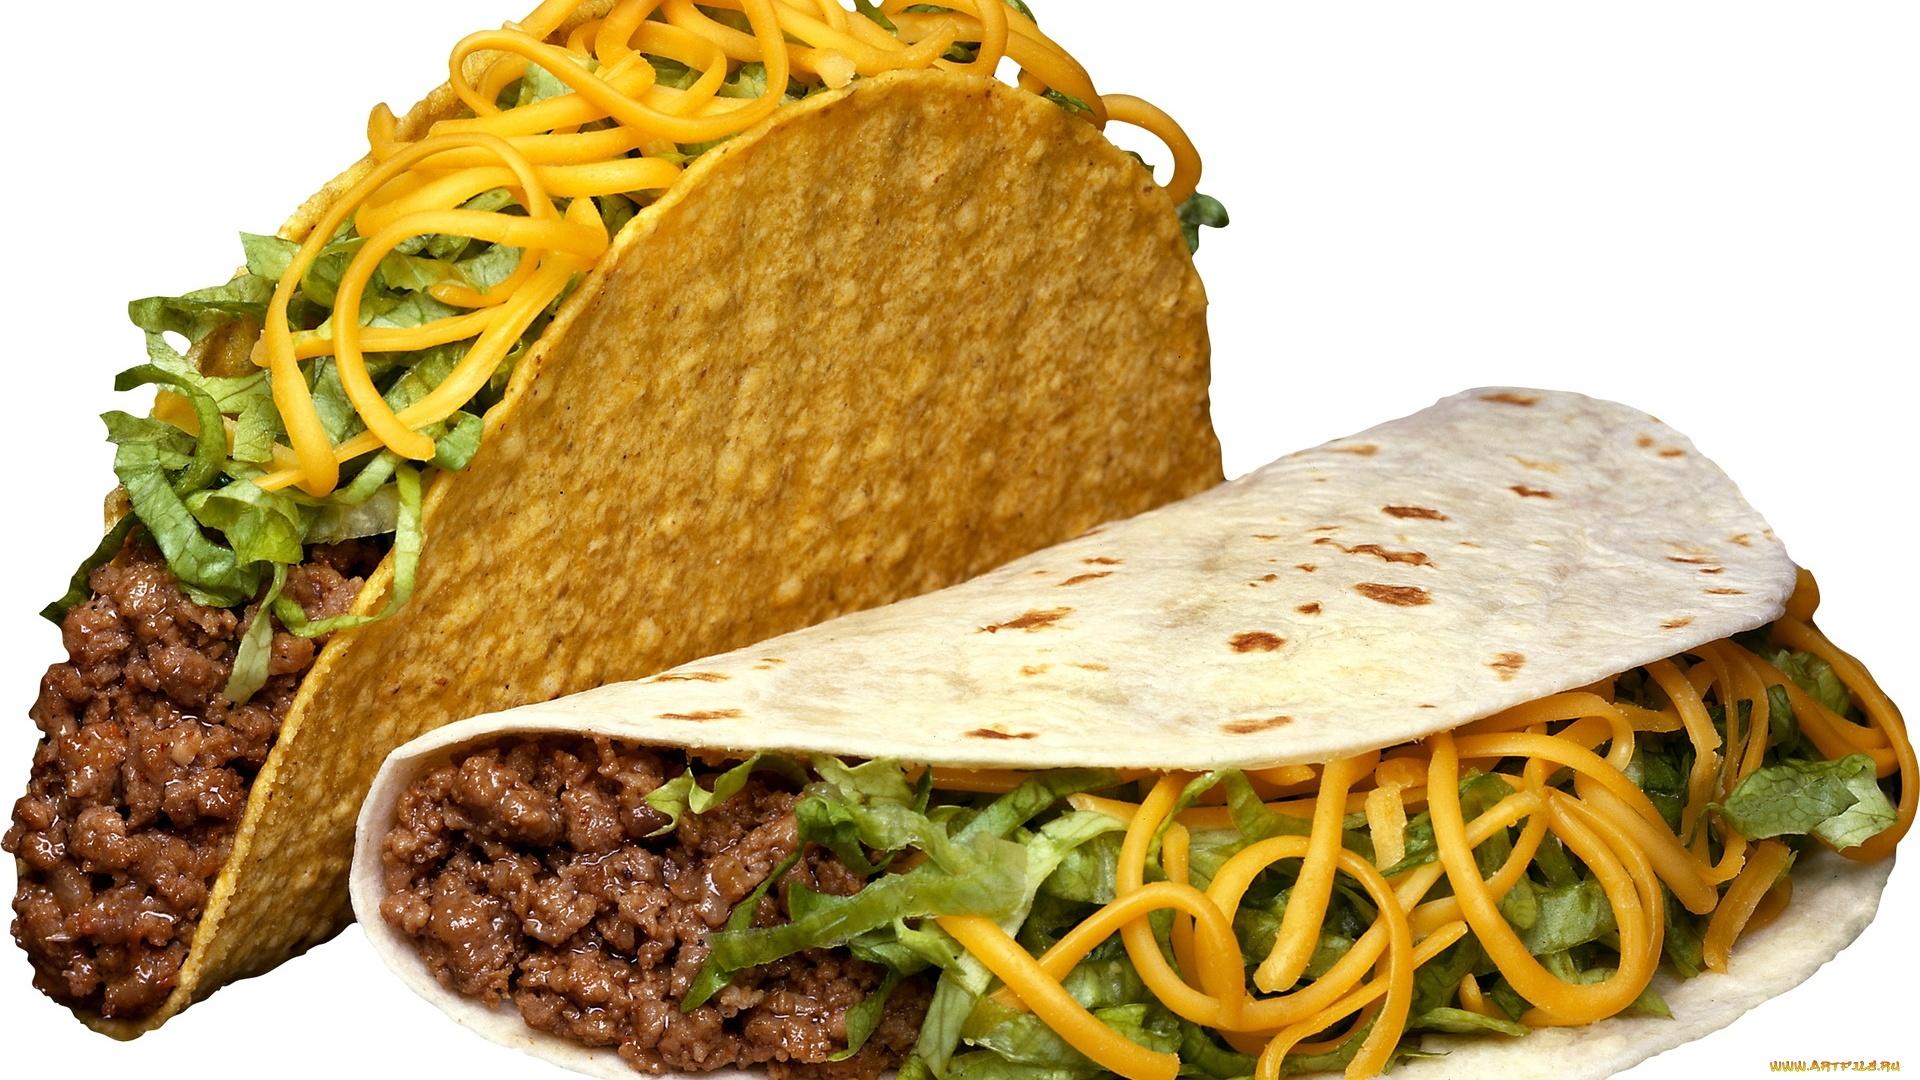 Taco Wallpaper Picture hd